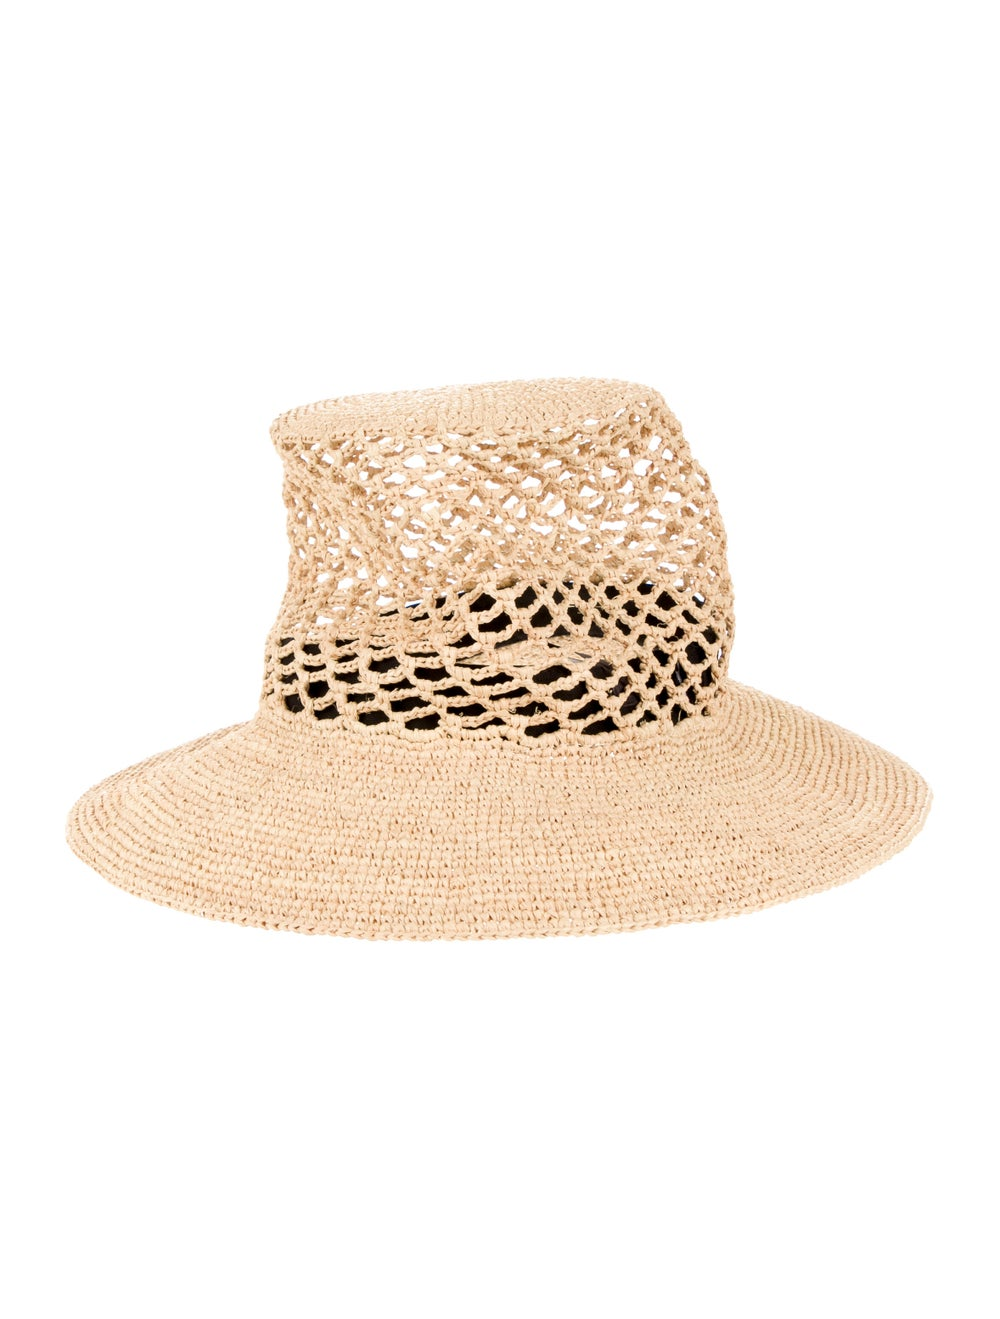 Janessa Leone Straw Wide Brimmed Hat Brown - image 2